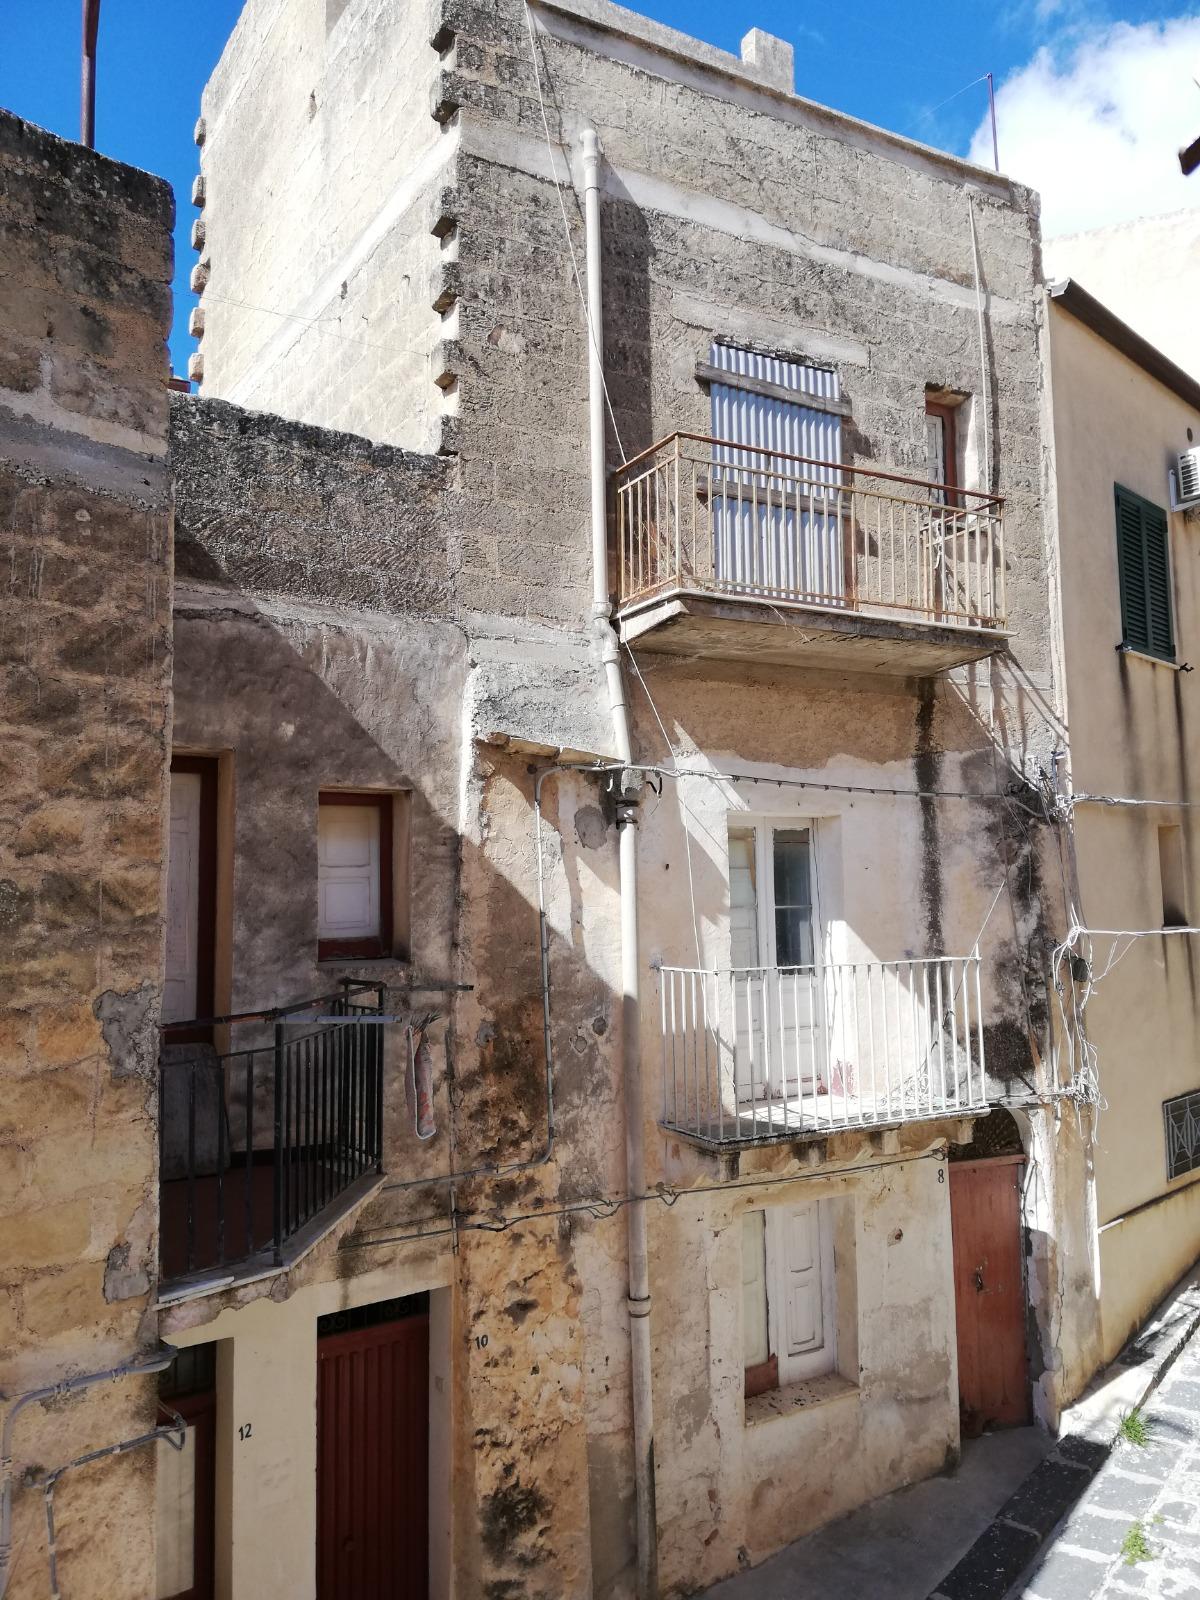 House in Via Lettighe 8, Sambuca di Sicilia, Sicily